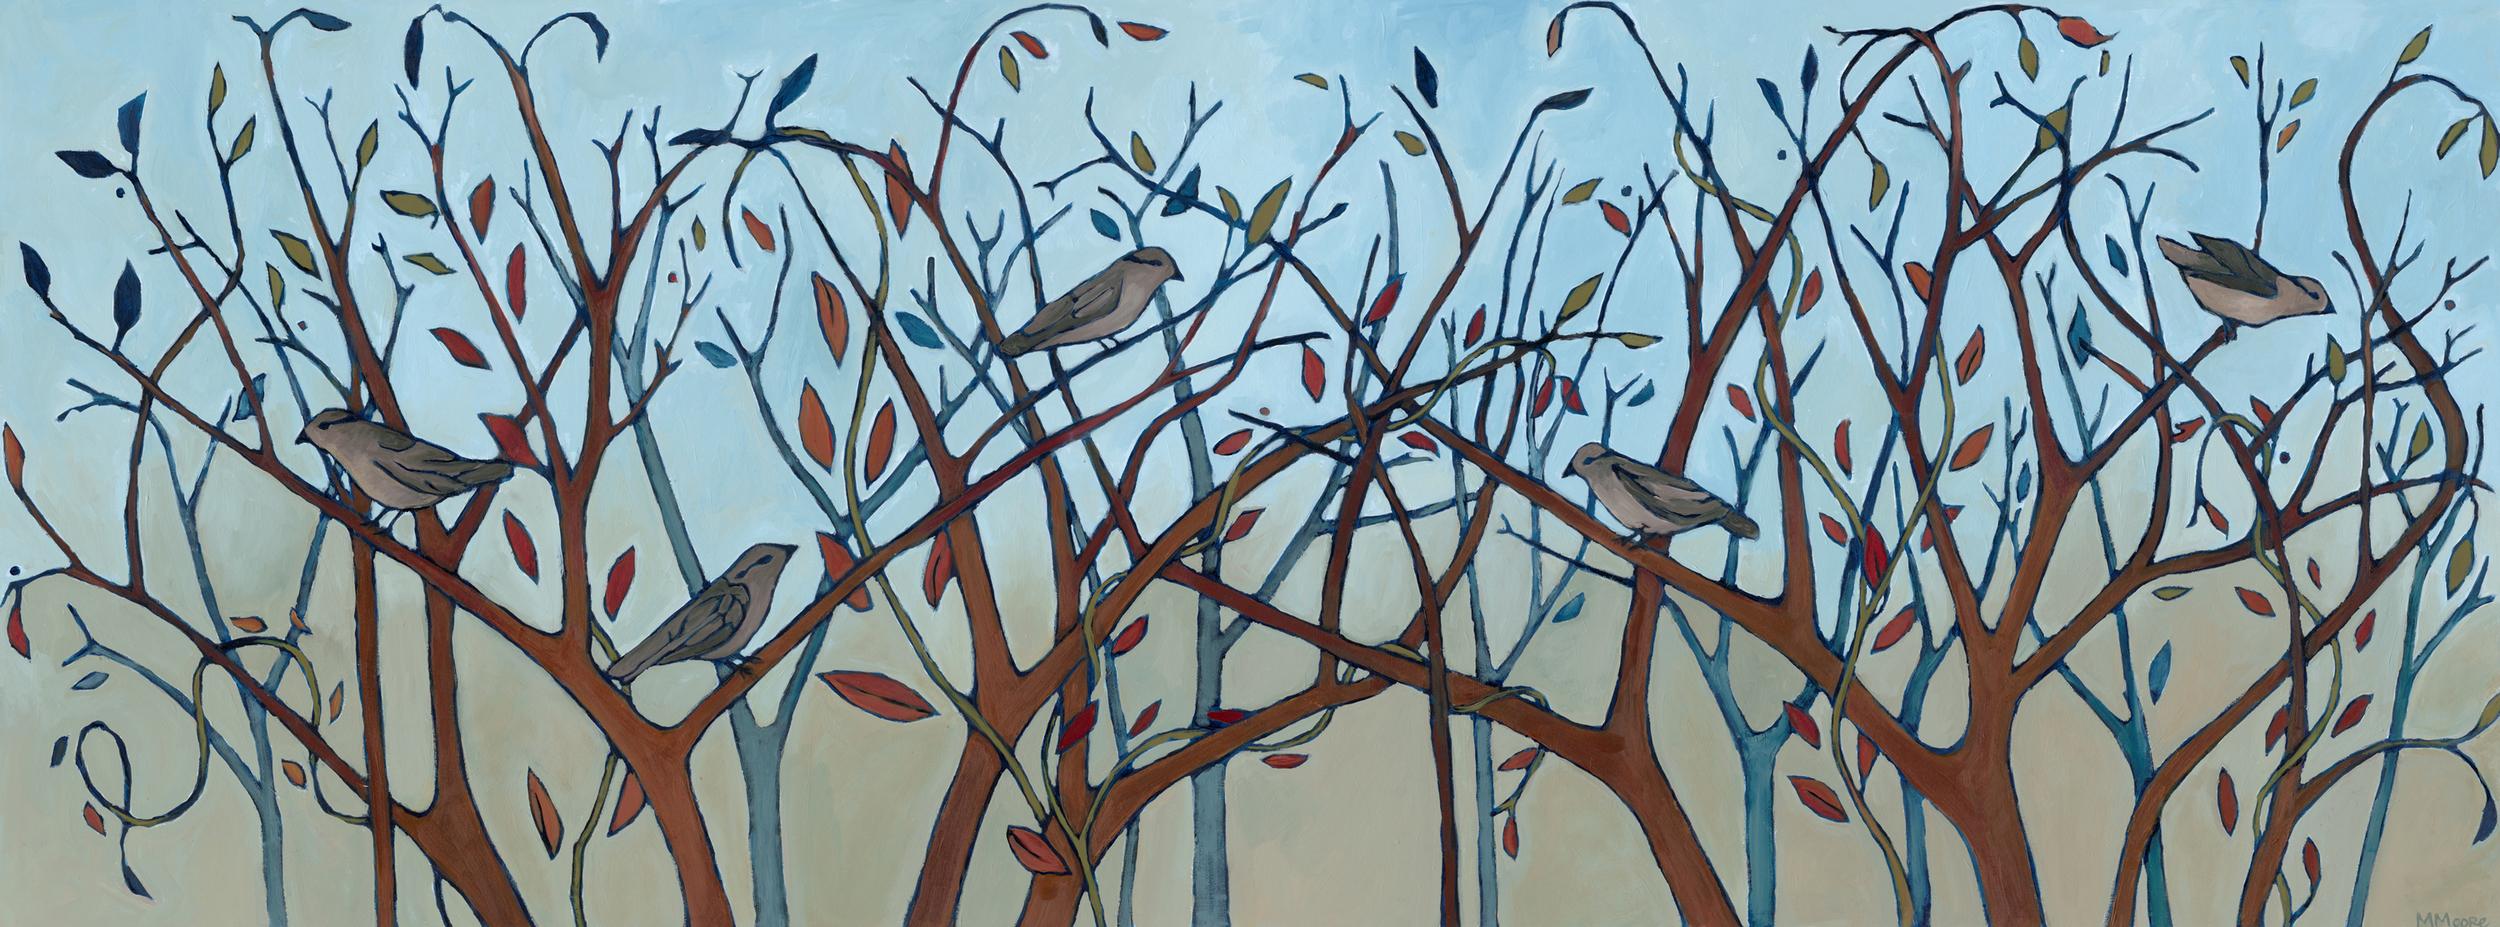 Kentucky Sparrows